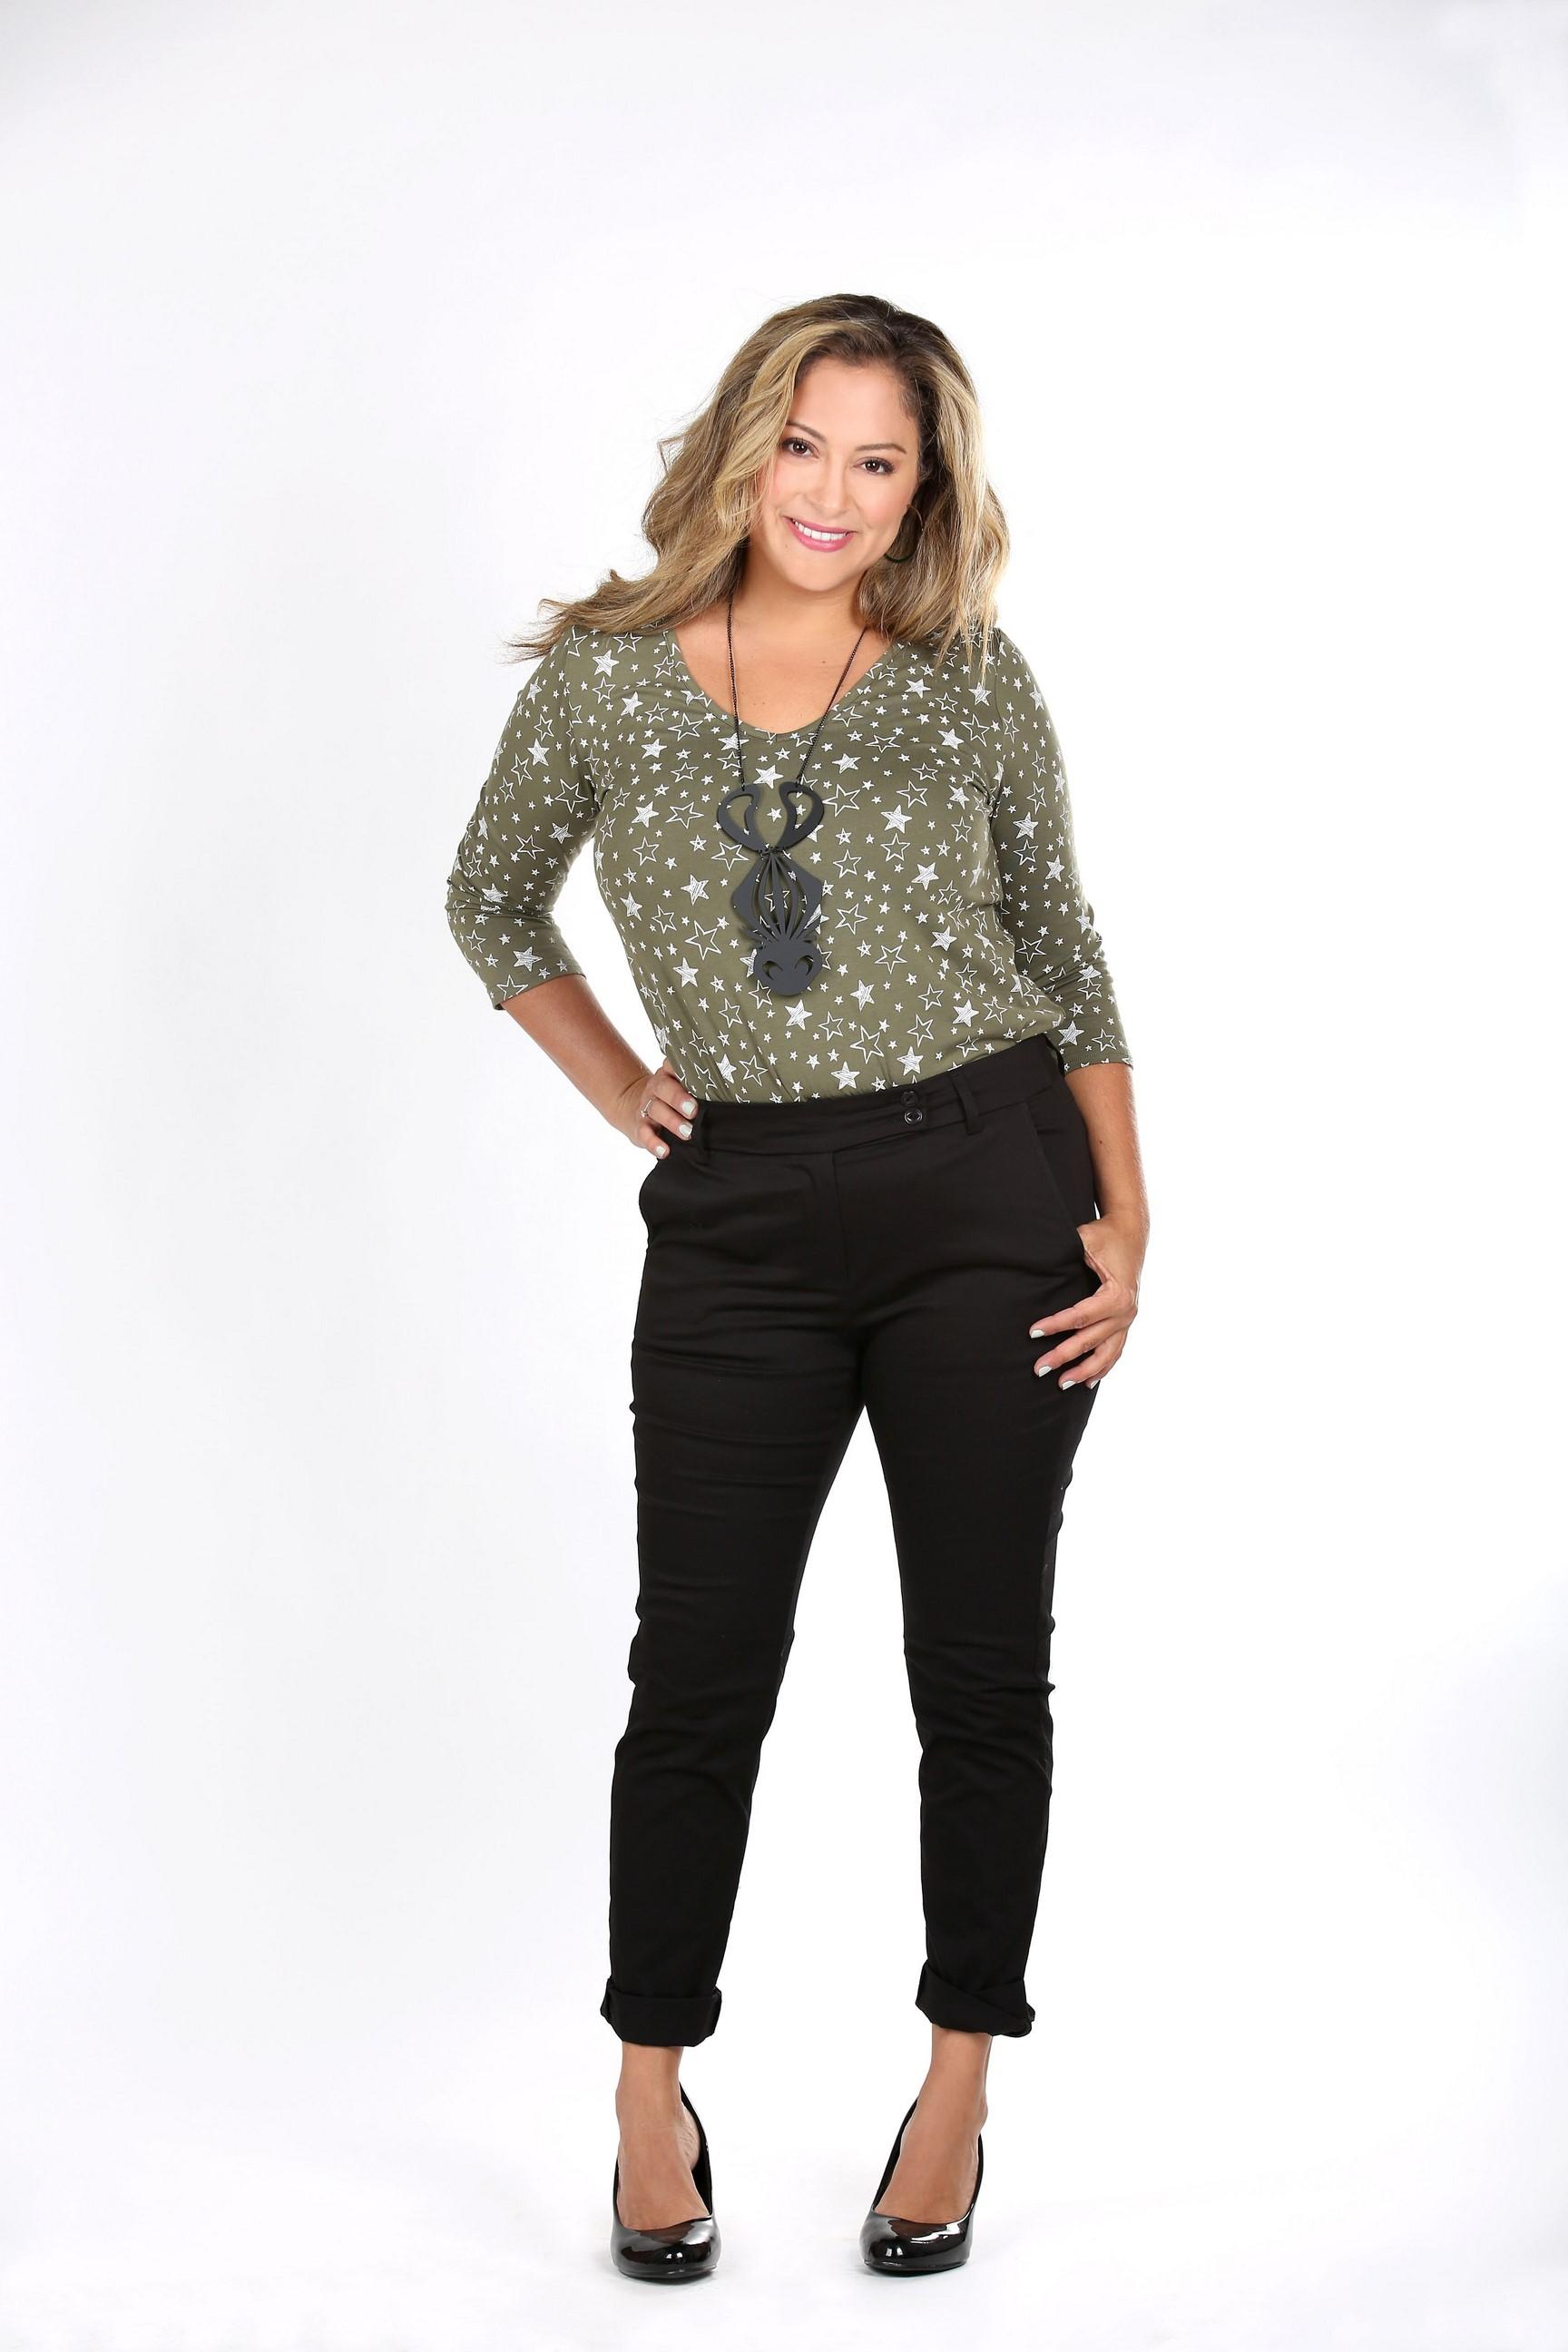 טליה חולצה 199 שח מכנסיים 389 שח צילום נעמי ים סוף (15) (Copy).JPG